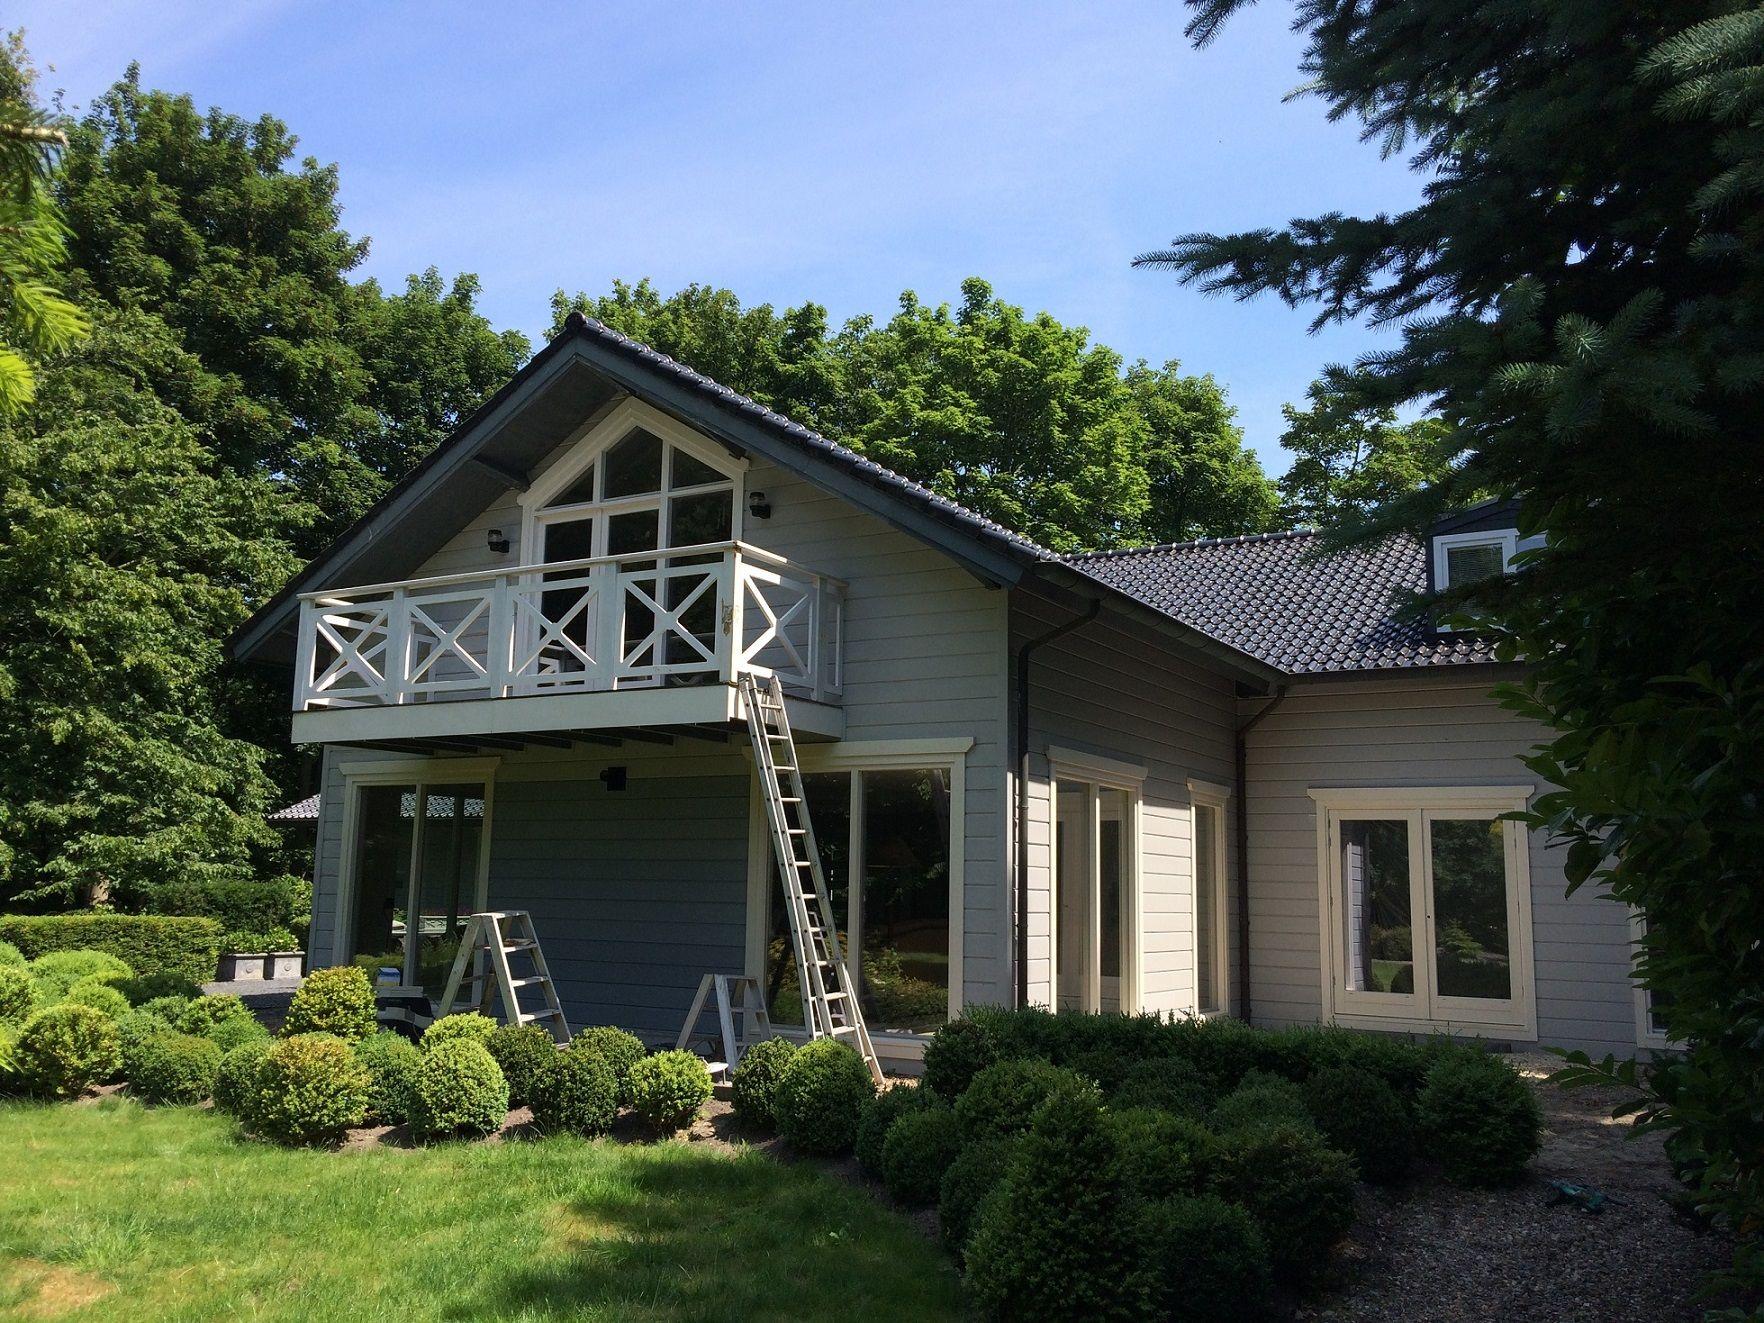 Bijzonder houten huis in noordgouwe krijgt nieuwe kleurstelling finnpaints specialist in - Meer mooie houten huizen ...